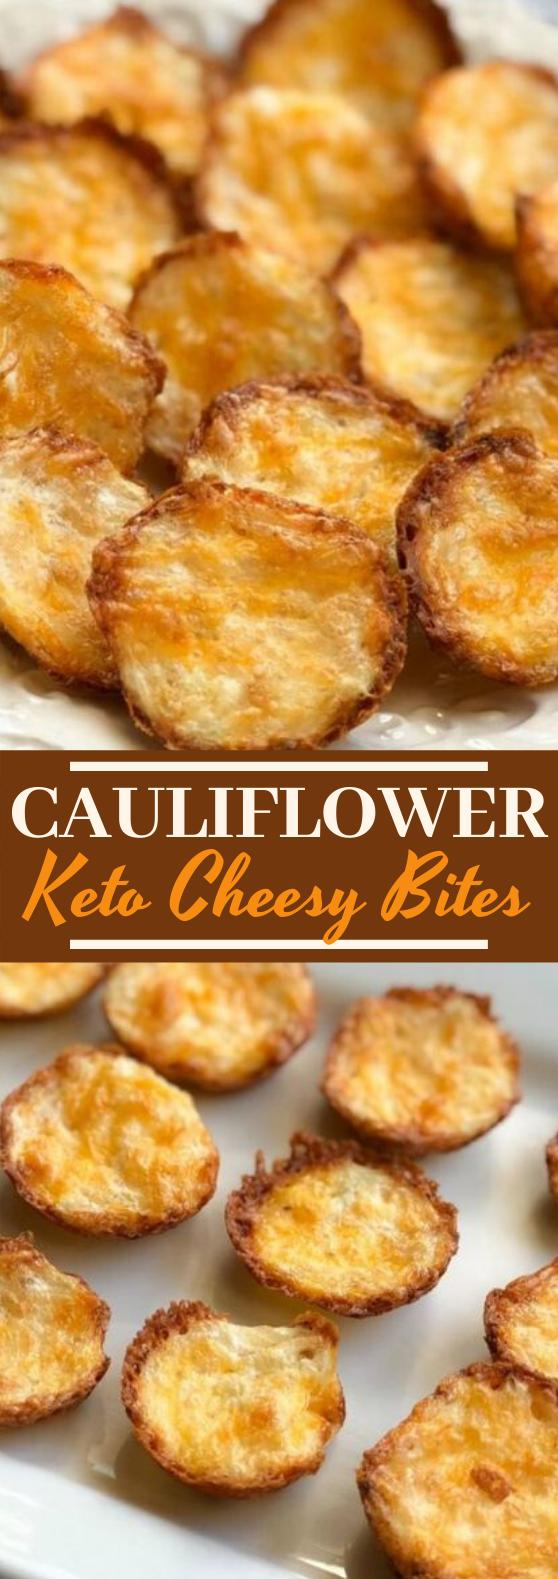 Keto Cauliflower Bites #lowcarb #snacks #appetizers #vegetarian #diet